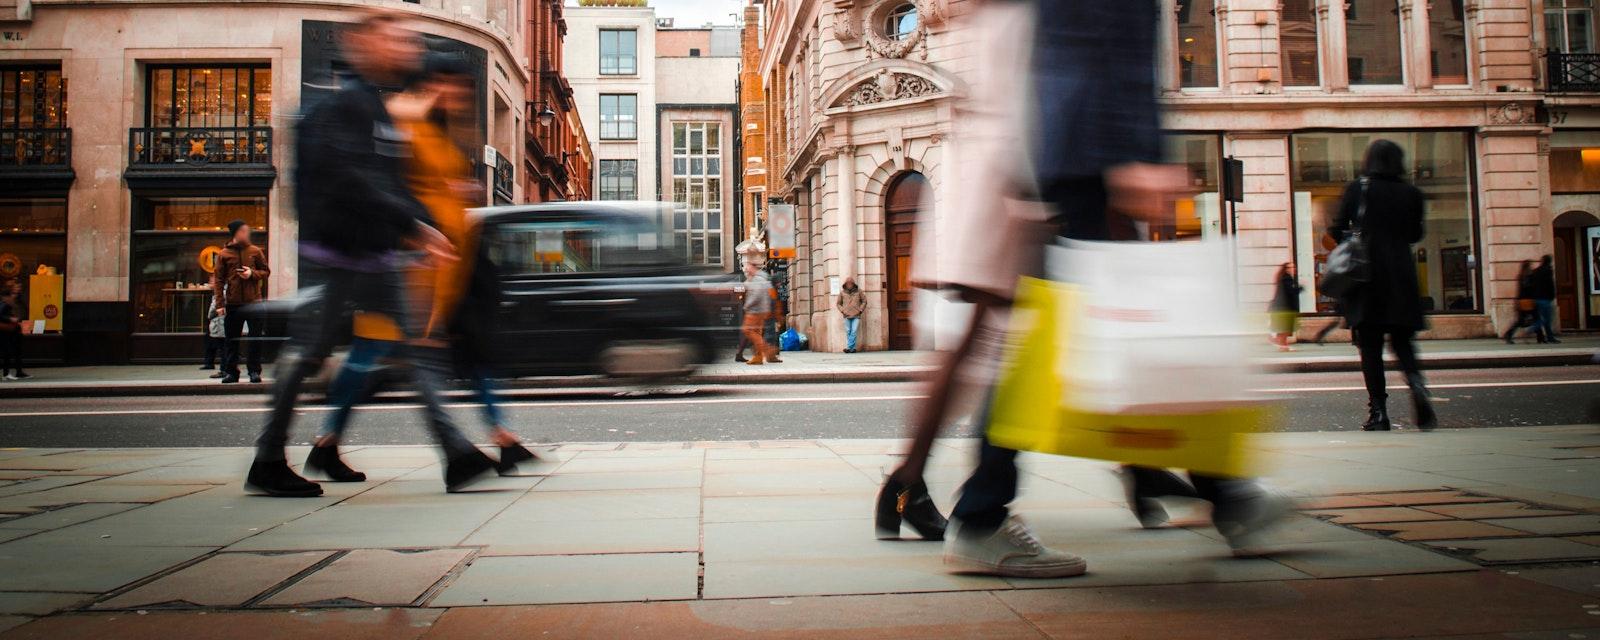 People walking along a street in London